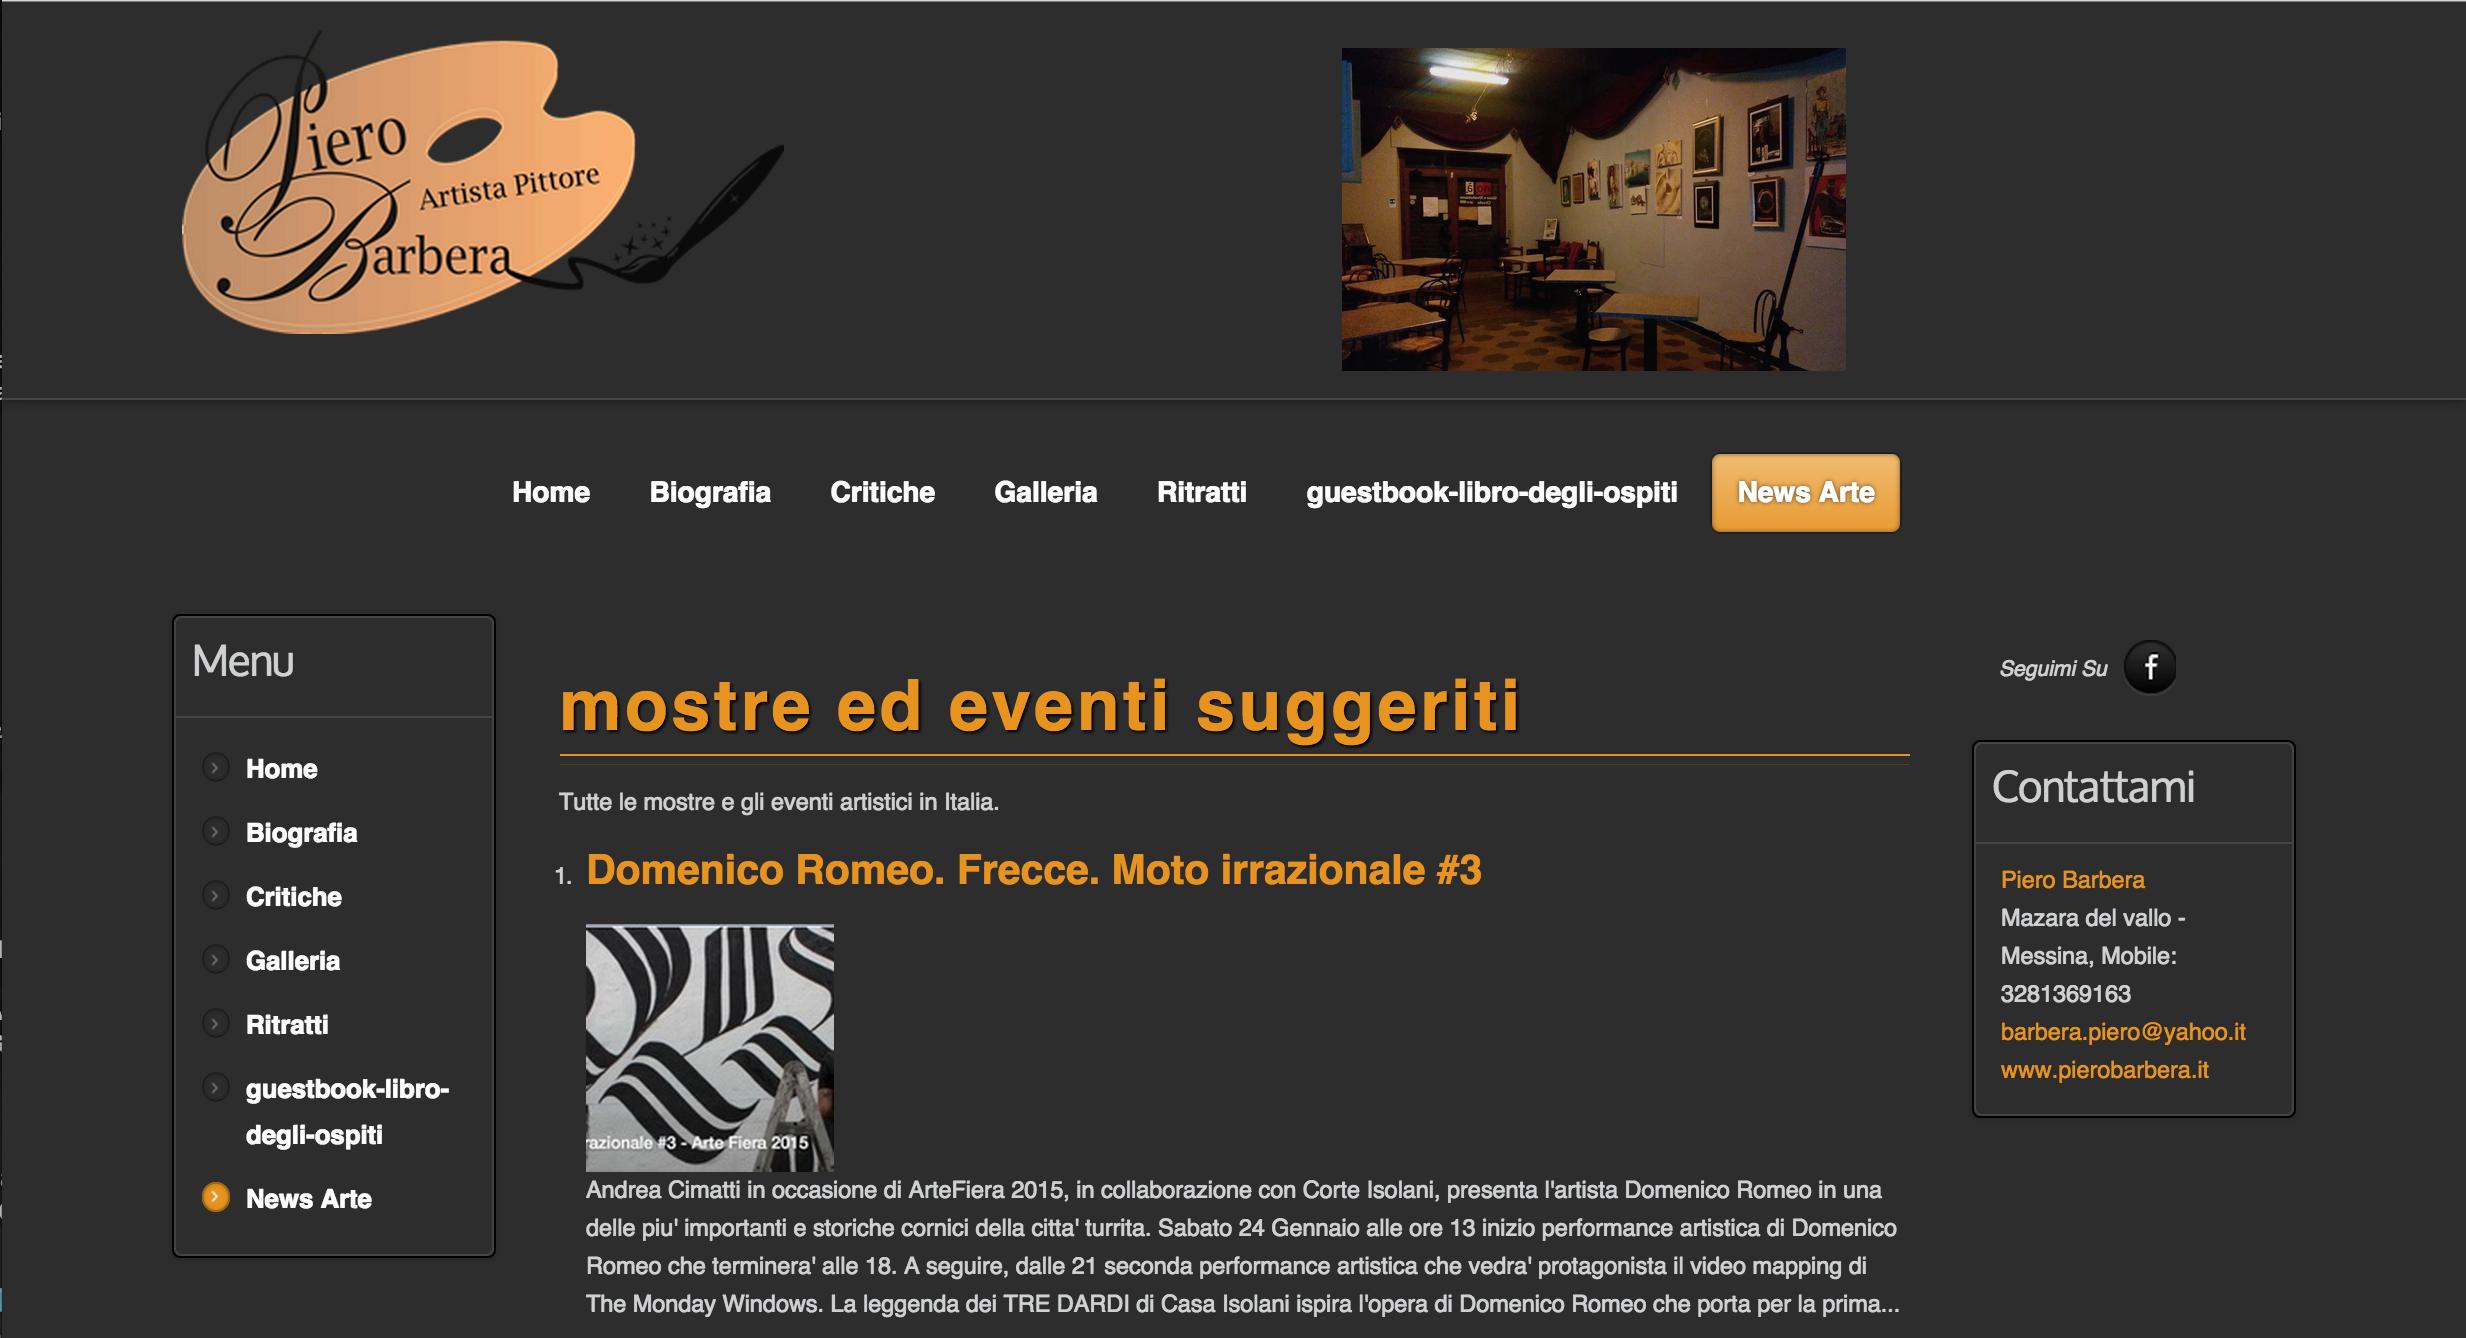 Andrea Cimatti presenta Domenico Romeo in una performance Live 15